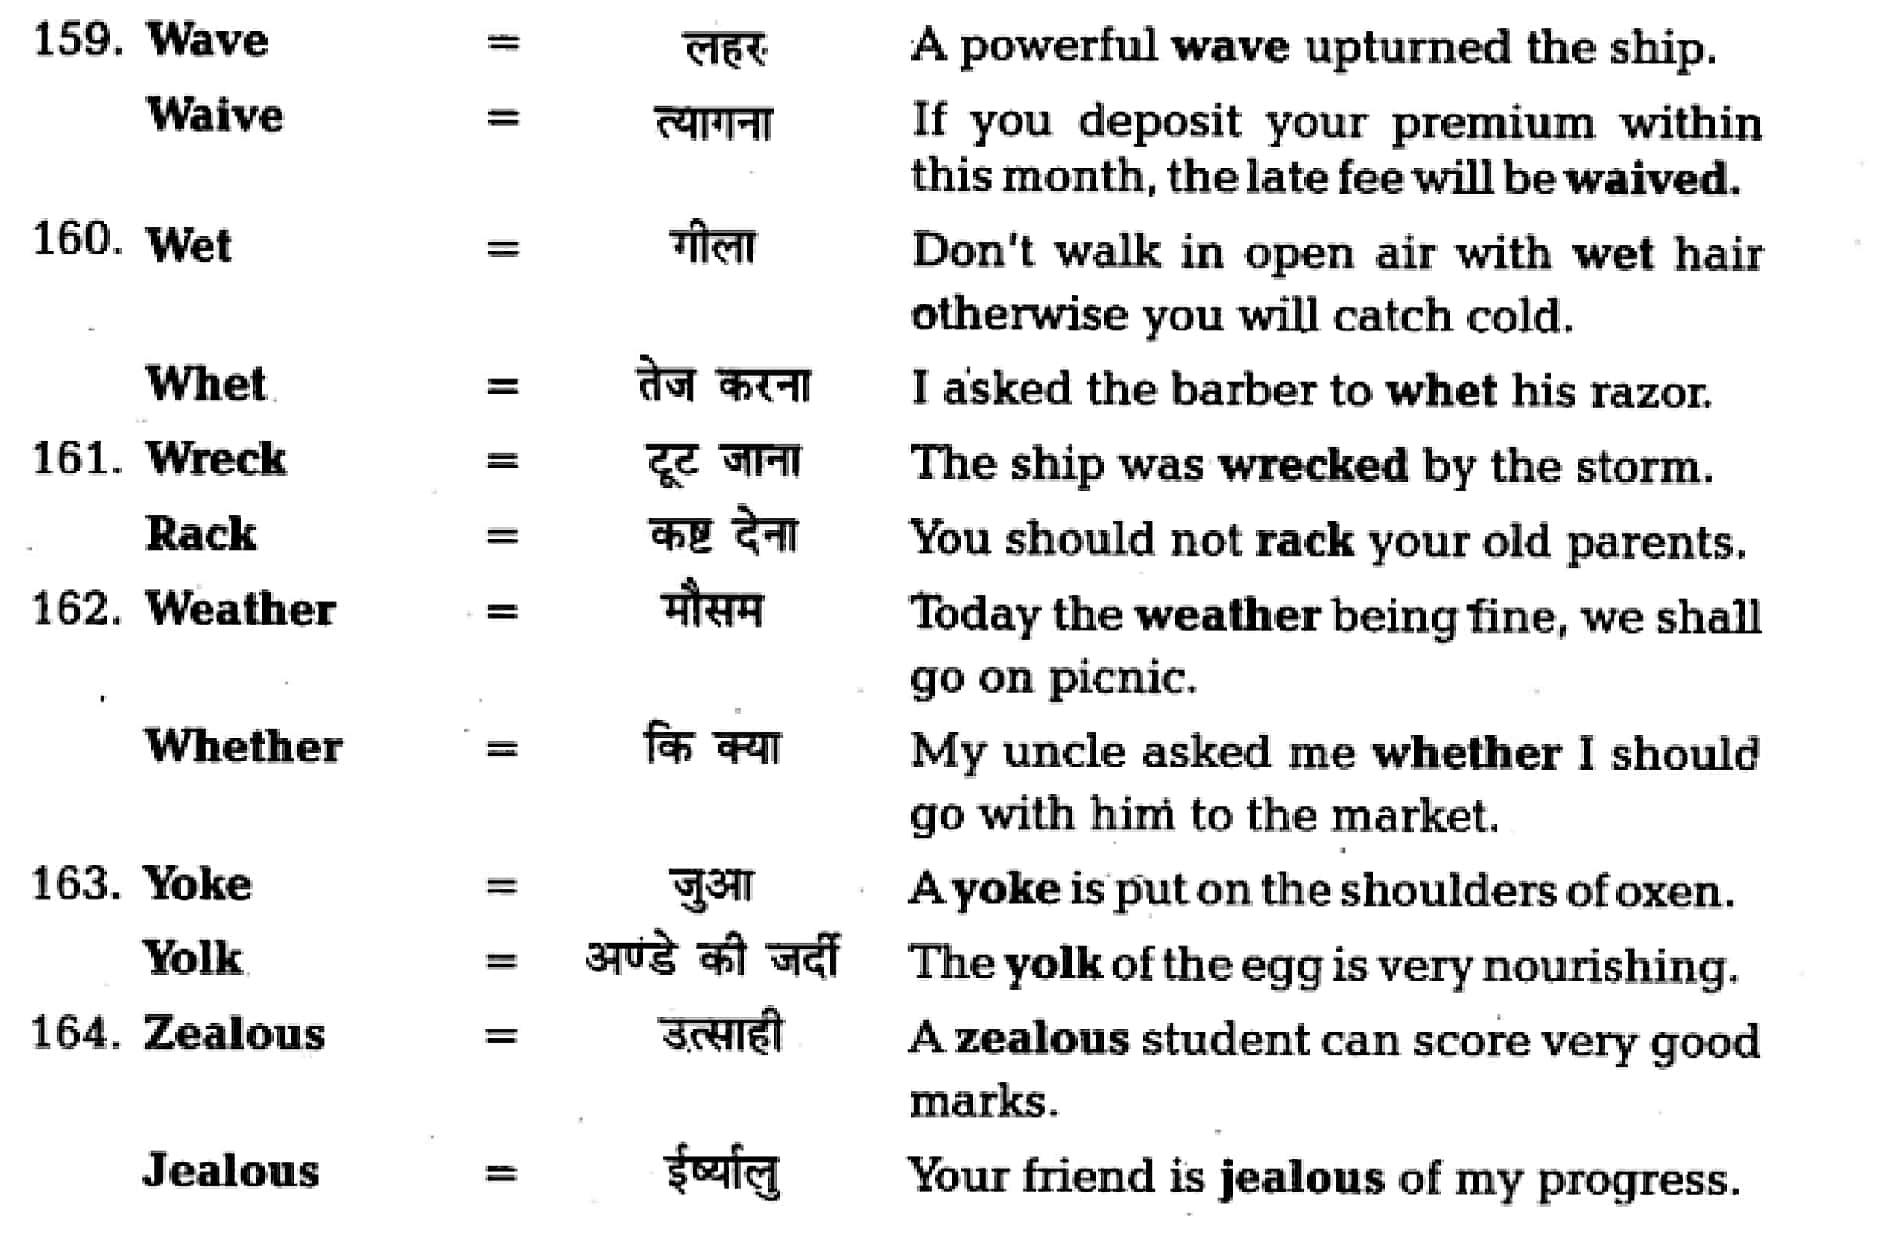 कक्षा 11 अंग्रेज़ी शब्दावली अध्याय 3  के नोट्स हिंदी में एनसीईआरटी समाधान,   class 11 english Synonyms chapter 3,  class 11 english Synonyms chapter 3 ncert solutions in hindi,  class 11 english Synonyms chapter 3 notes in hindi,  class 11 english Synonyms chapter 3 question answer,  class 11 english Synonyms chapter 3 notes,  11   class Synonyms chapter 3 Synonyms chapter 3 in hindi,  class 11 english Synonyms chapter 3 in hindi,  class 11 english Synonyms chapter 3 important questions in hindi,  class 11 english  chapter 3 notes in hindi,  class 11 english Synonyms chapter 3 test,  class 11 english  chapter 1 Synonyms chapter 3 pdf,  class 11 english Synonyms chapter 3 notes pdf,  class 11 english Synonyms chapter 3 exercise solutions,  class 11 english Synonyms chapter 3, class 11 english Synonyms chapter 3 notes study rankers,  class 11 english Synonyms chapter 3 notes,  class 11 english  chapter 3 notes,   Synonyms chapter 3  class 11  notes pdf,  Synonyms chapter 3 class 11  notes 3031 ncert,   Synonyms chapter 3 class 11 pdf,    Synonyms chapter 3  book,     Synonyms chapter 3 quiz class 11  ,       11  th Synonyms chapter 3    book up board,       up board 11  th Synonyms chapter 3 notes,  कक्षा 11 अंग्रेज़ी शब्दावली अध्याय 3 , कक्षा 11 अंग्रेज़ी का शब्दावली अध्याय 3  ncert solution in hindi, कक्षा 11 अंग्रेज़ी के शब्दावली अध्याय 3  के नोट्स हिंदी में, कक्षा 11 का अंग्रेज़ीशब्दावली अध्याय 3 का प्रश्न उत्तर, कक्षा 11 अंग्रेज़ी शब्दावली अध्याय 3 के नोट्स, 11 कक्षा अंग्रेज़ी शब्दावली अध्याय 3   हिंदी में,कक्षा 11 अंग्रेज़ी शब्दावली अध्याय 3  हिंदी में, कक्षा 11 अंग्रेज़ी शब्दावली अध्याय 3  महत्वपूर्ण प्रश्न हिंदी में,कक्षा 11 के अंग्रेज़ी के नोट्स हिंदी में,अंग्रेज़ी कक्षा 11 नोट्स pdf,  अंग्रेज़ी  कक्षा 11 नोट्स 2021 ncert,  अंग्रेज़ी  कक्षा 11 pdf,  अंग्रेज़ी  पुस्तक,  अंग्रेज़ी की बुक,  अंग्रेज़ी  प्रश्नोत्तरी class 11  , 11   वीं अंग्रेज़ी  पुस्तक up board,  बिहार बोर्ड 11  पुस्तक वीं अंग्रेज़ी नोट्स,    11th Prose chapter 1   book in hindi,11  th Prose cha